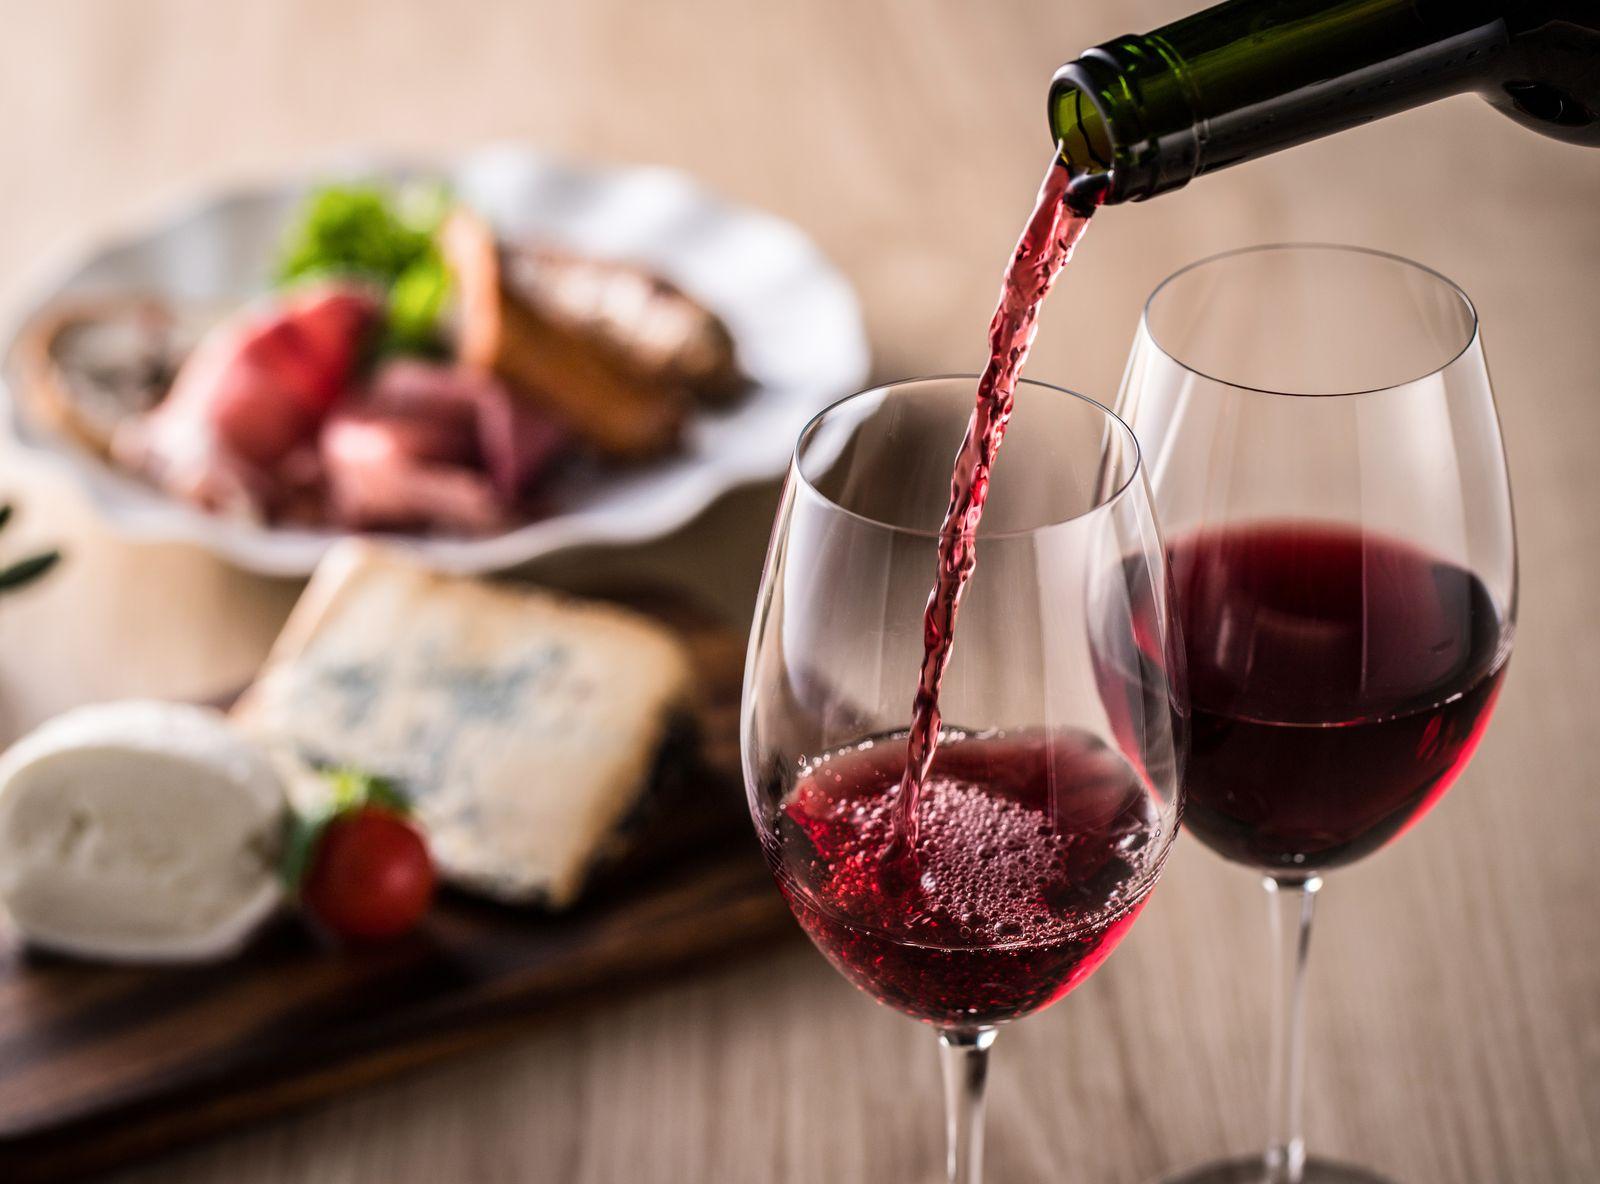 Pleszew. Radni zdecydowali: restauracje i puby będą zwolnione z opłat za zezwolenie na sprzedaż napojów alkoholowych - Zdjęcie główne